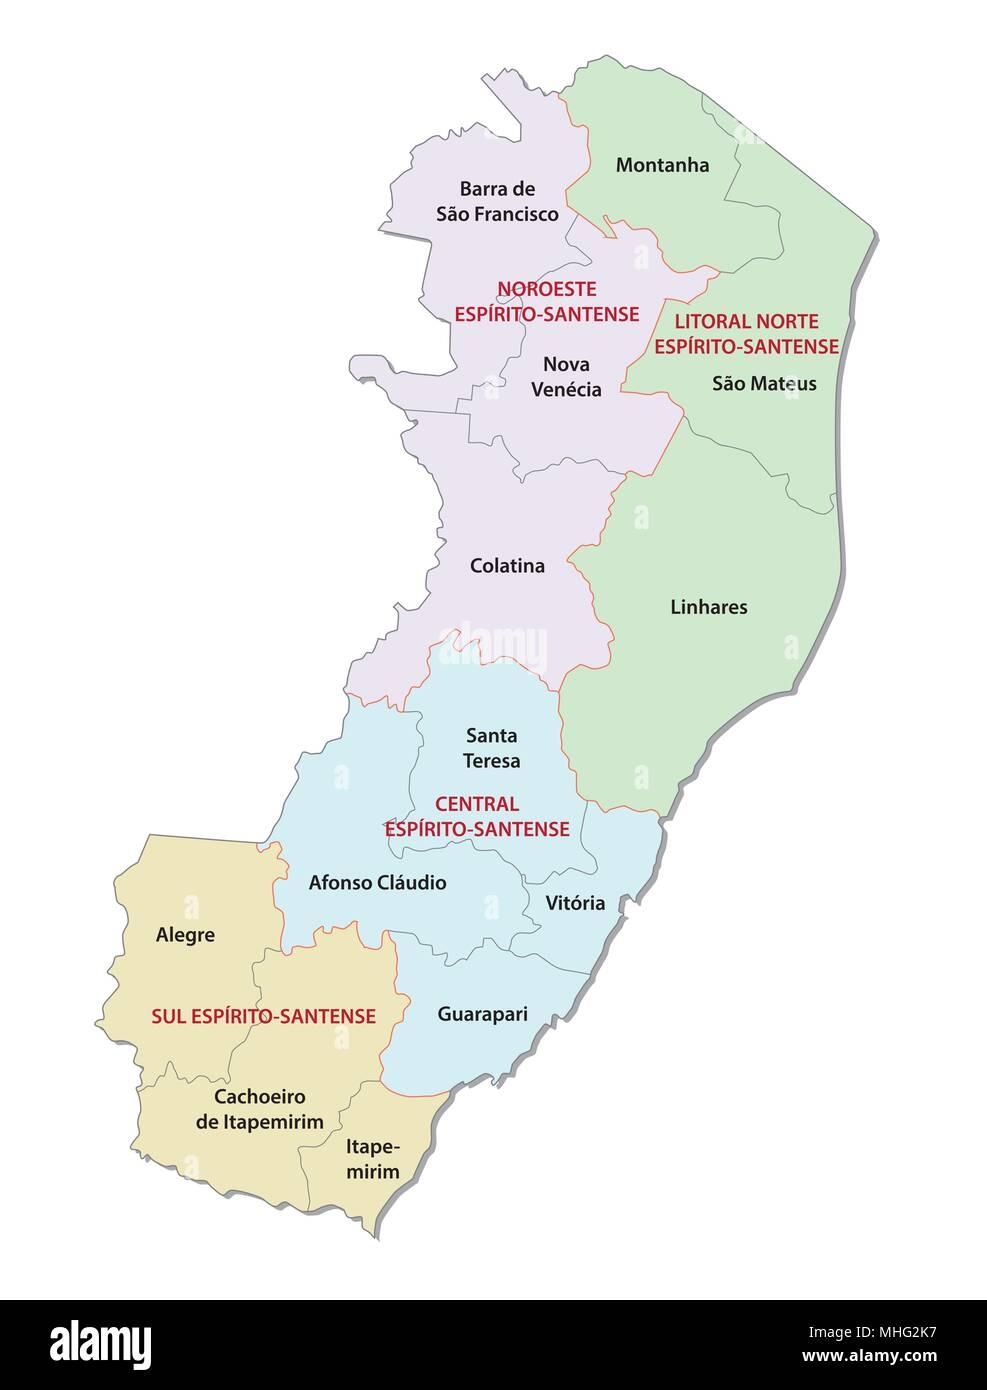 espirito santo administrative and political vector map - Stock Image